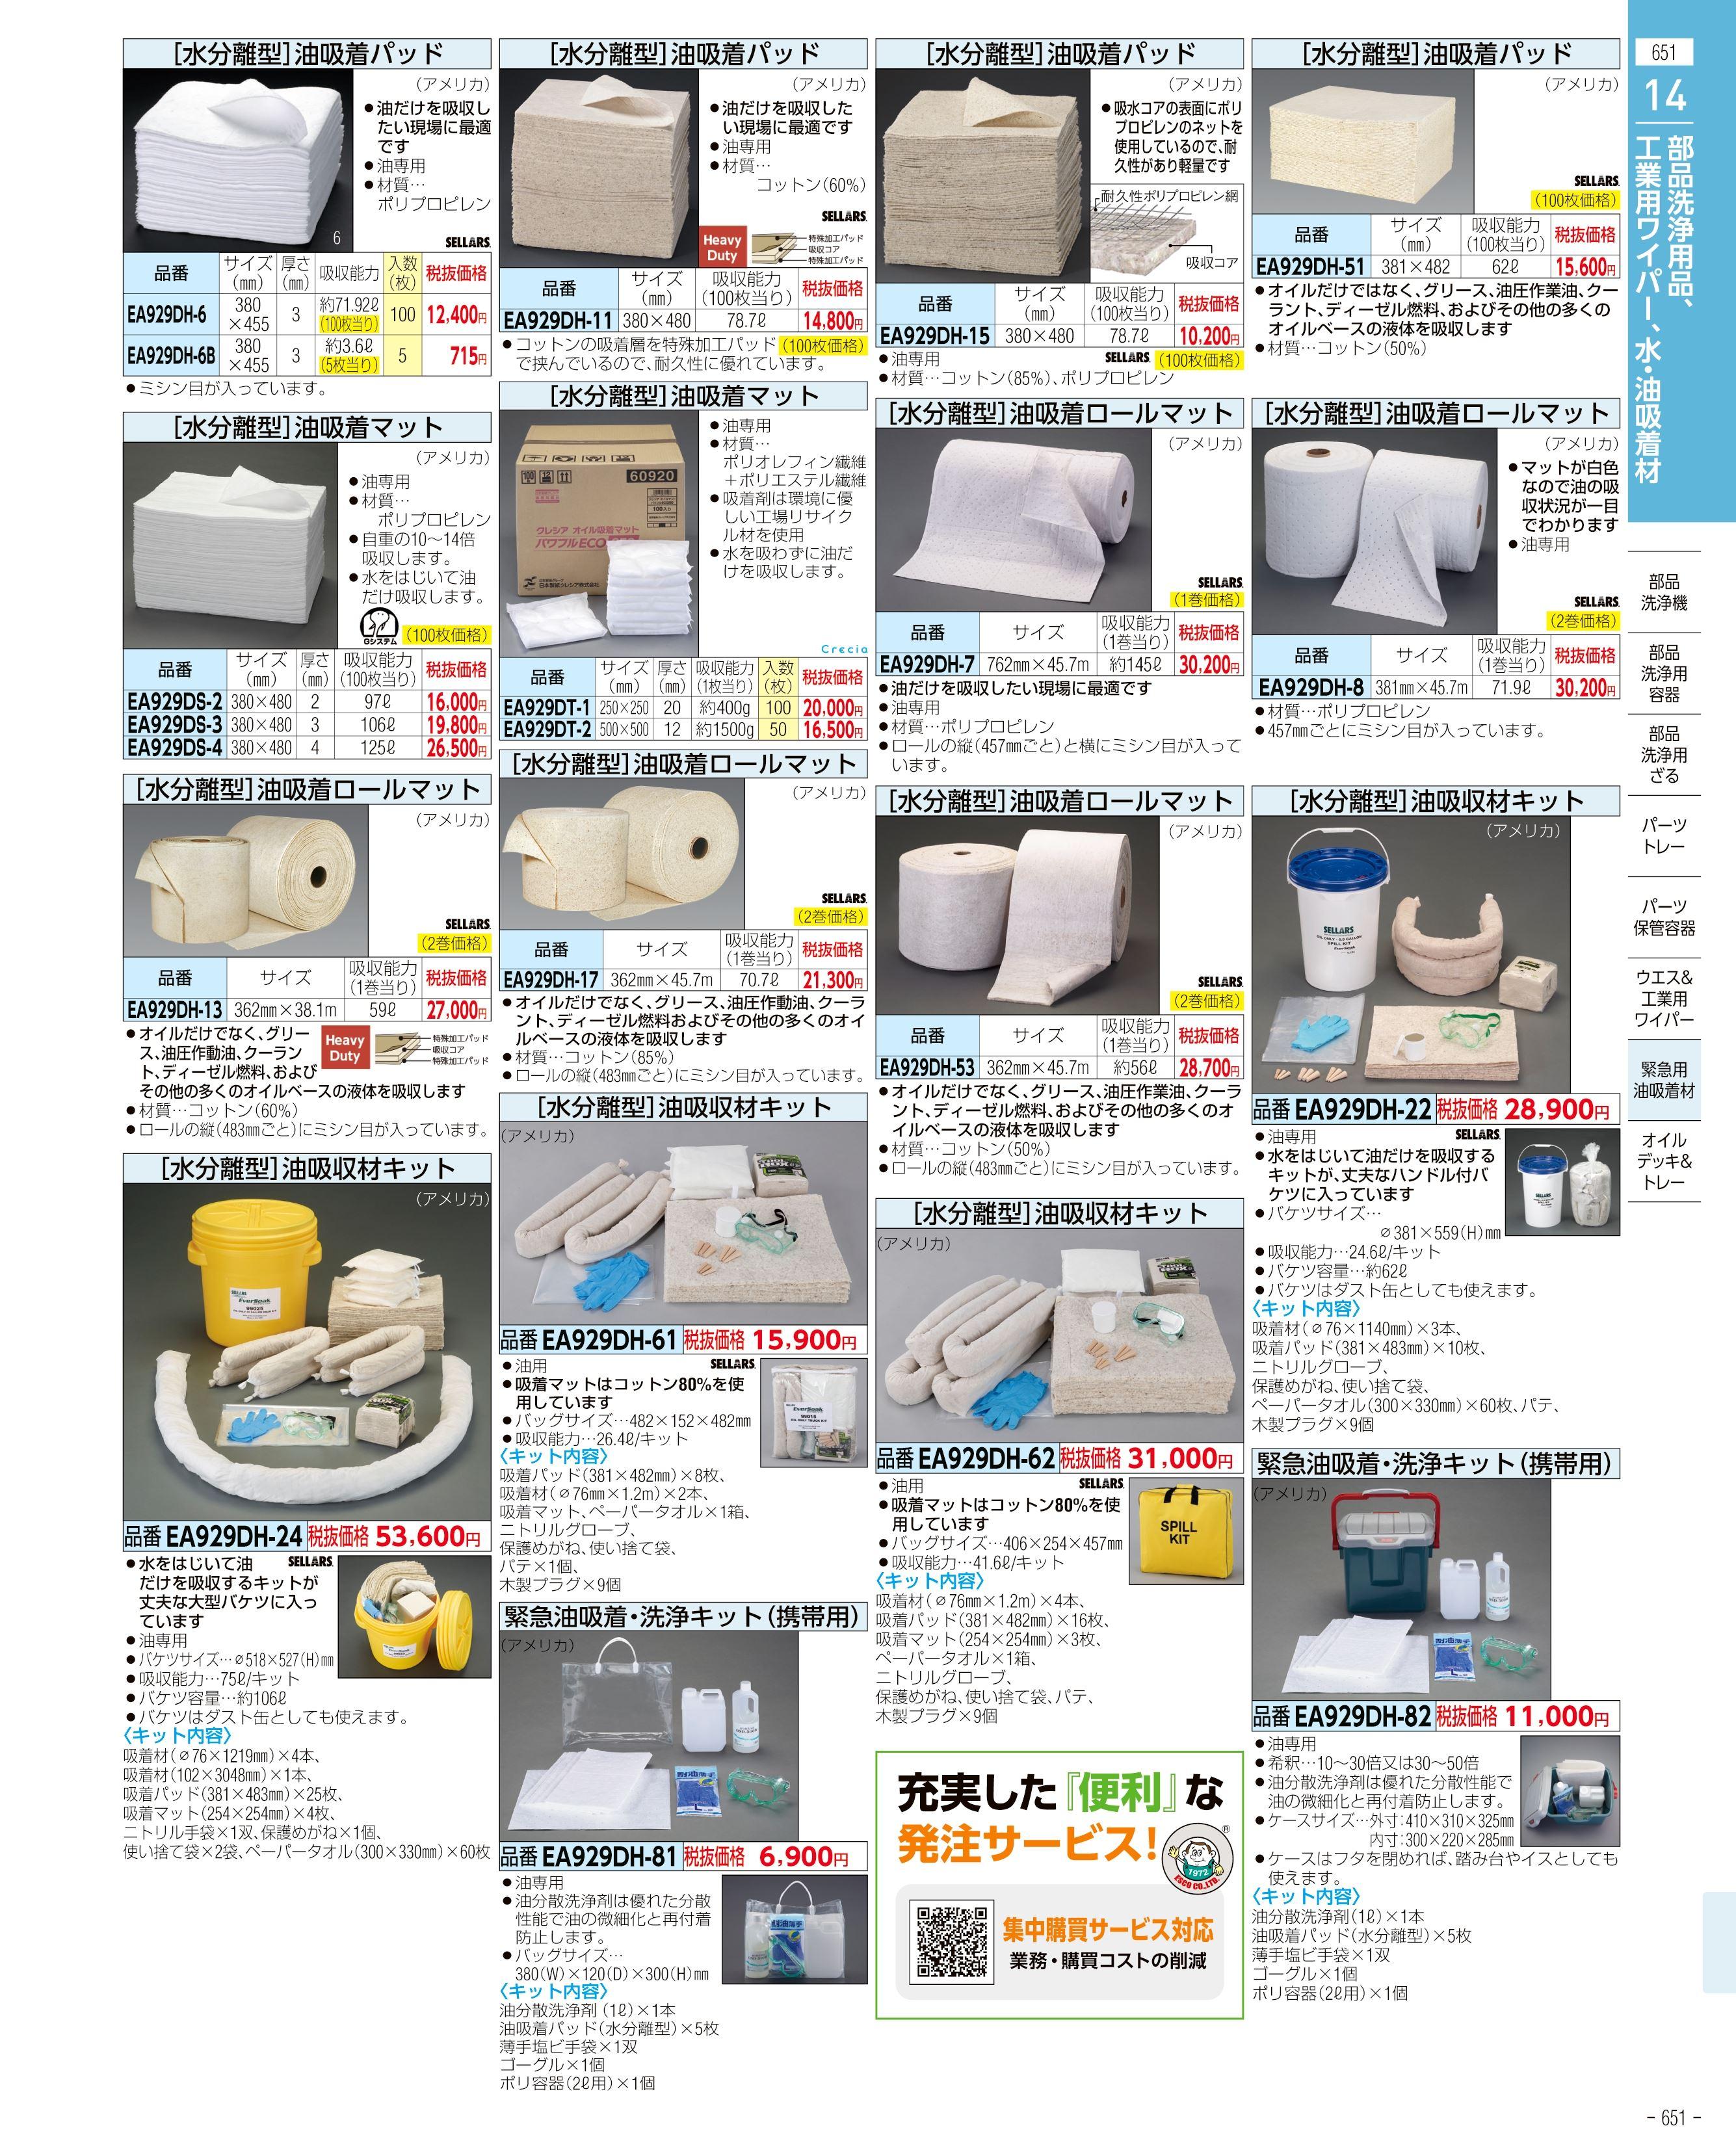 エスコ便利カタログ651ページ